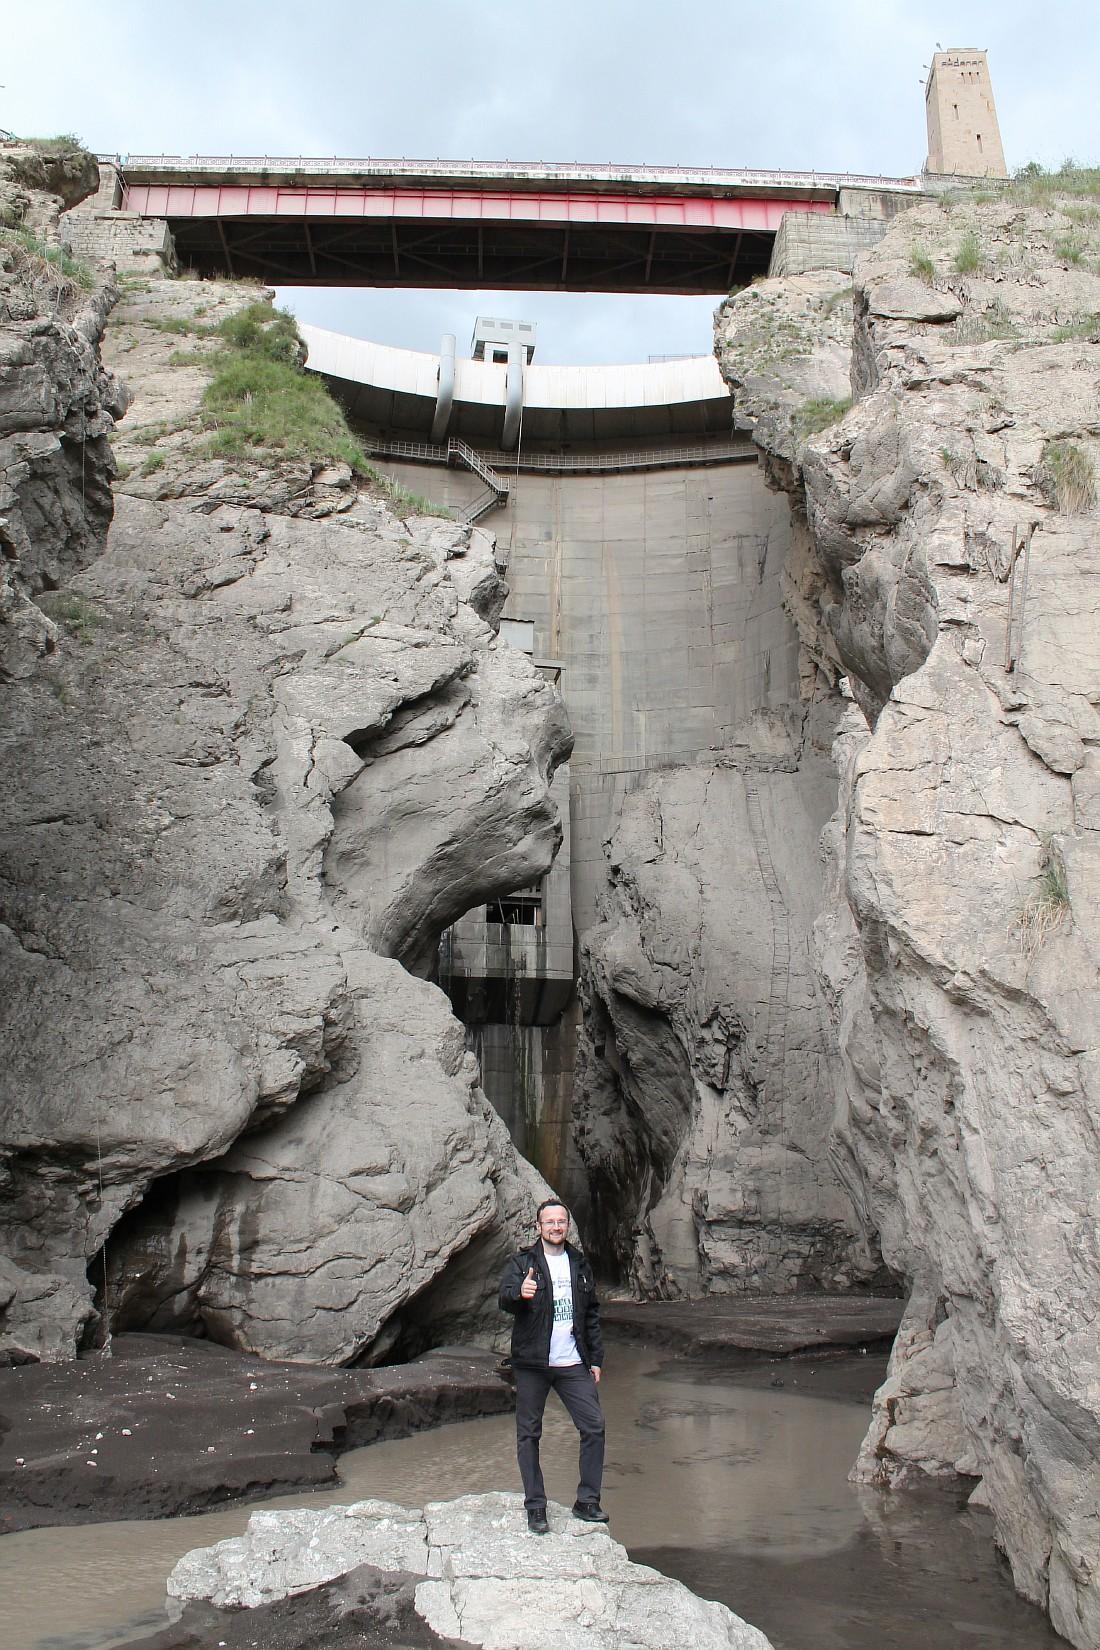 Дагестан, Аксанов Нияз, блог-тур, kukmor, фотография, Россия, ГЭС, гидроэнергетика, Гунибская ГЭС, Русгидро, 2012г,  of IMG_7498